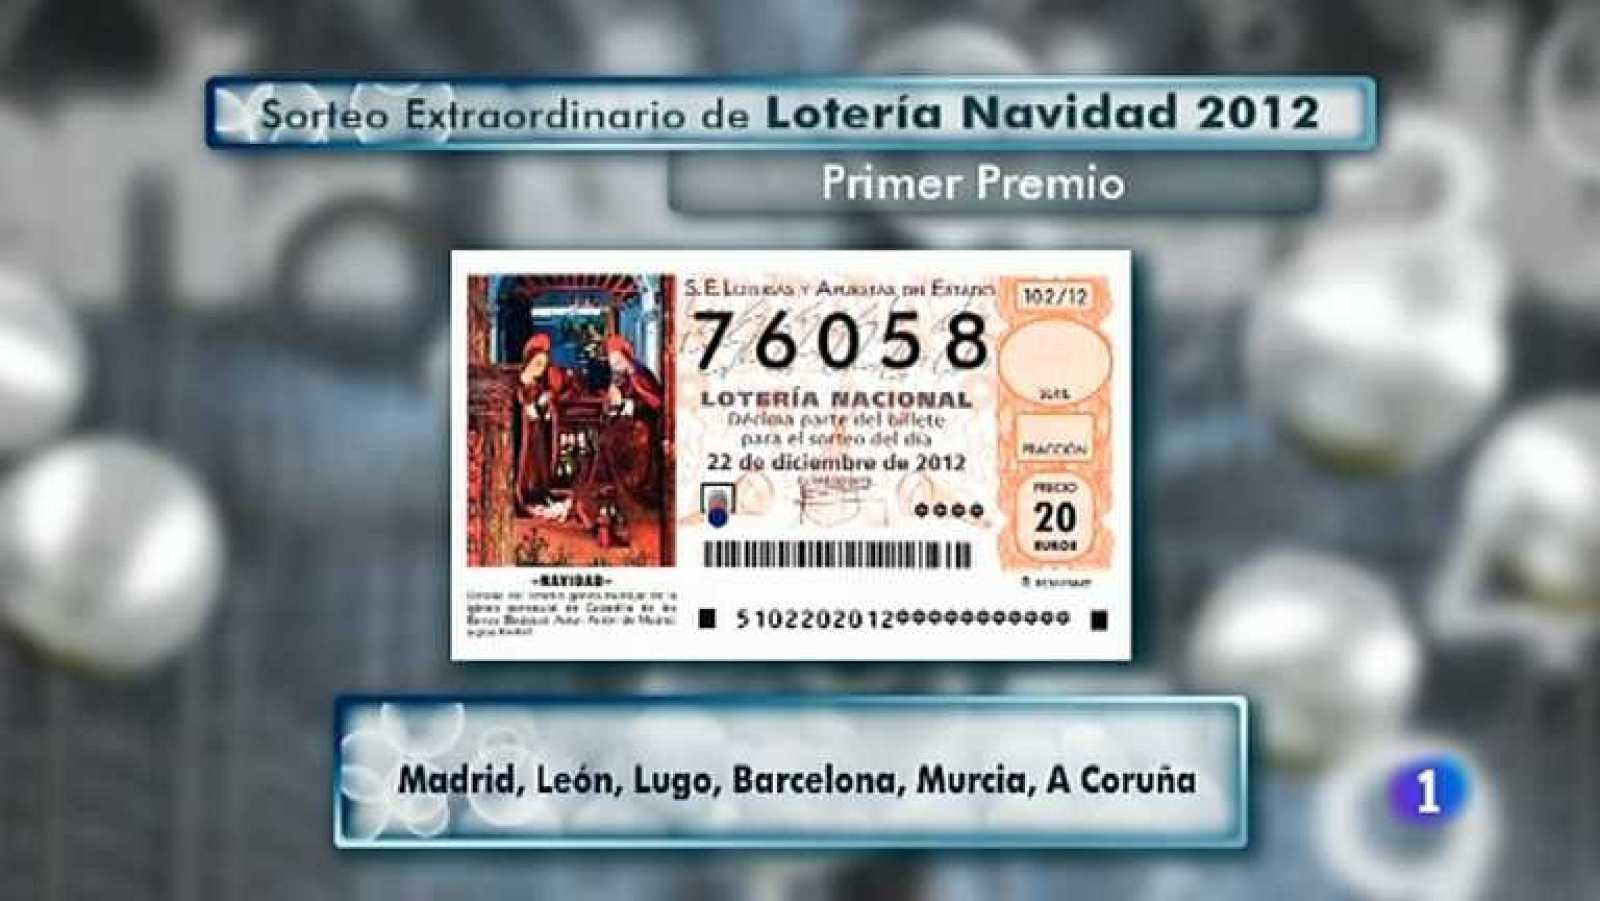 Comprobar Decimo Loteria Navidad 2012 Sorteo De La Loteria De Navidad 2012 Tercera Hora Rtve Es